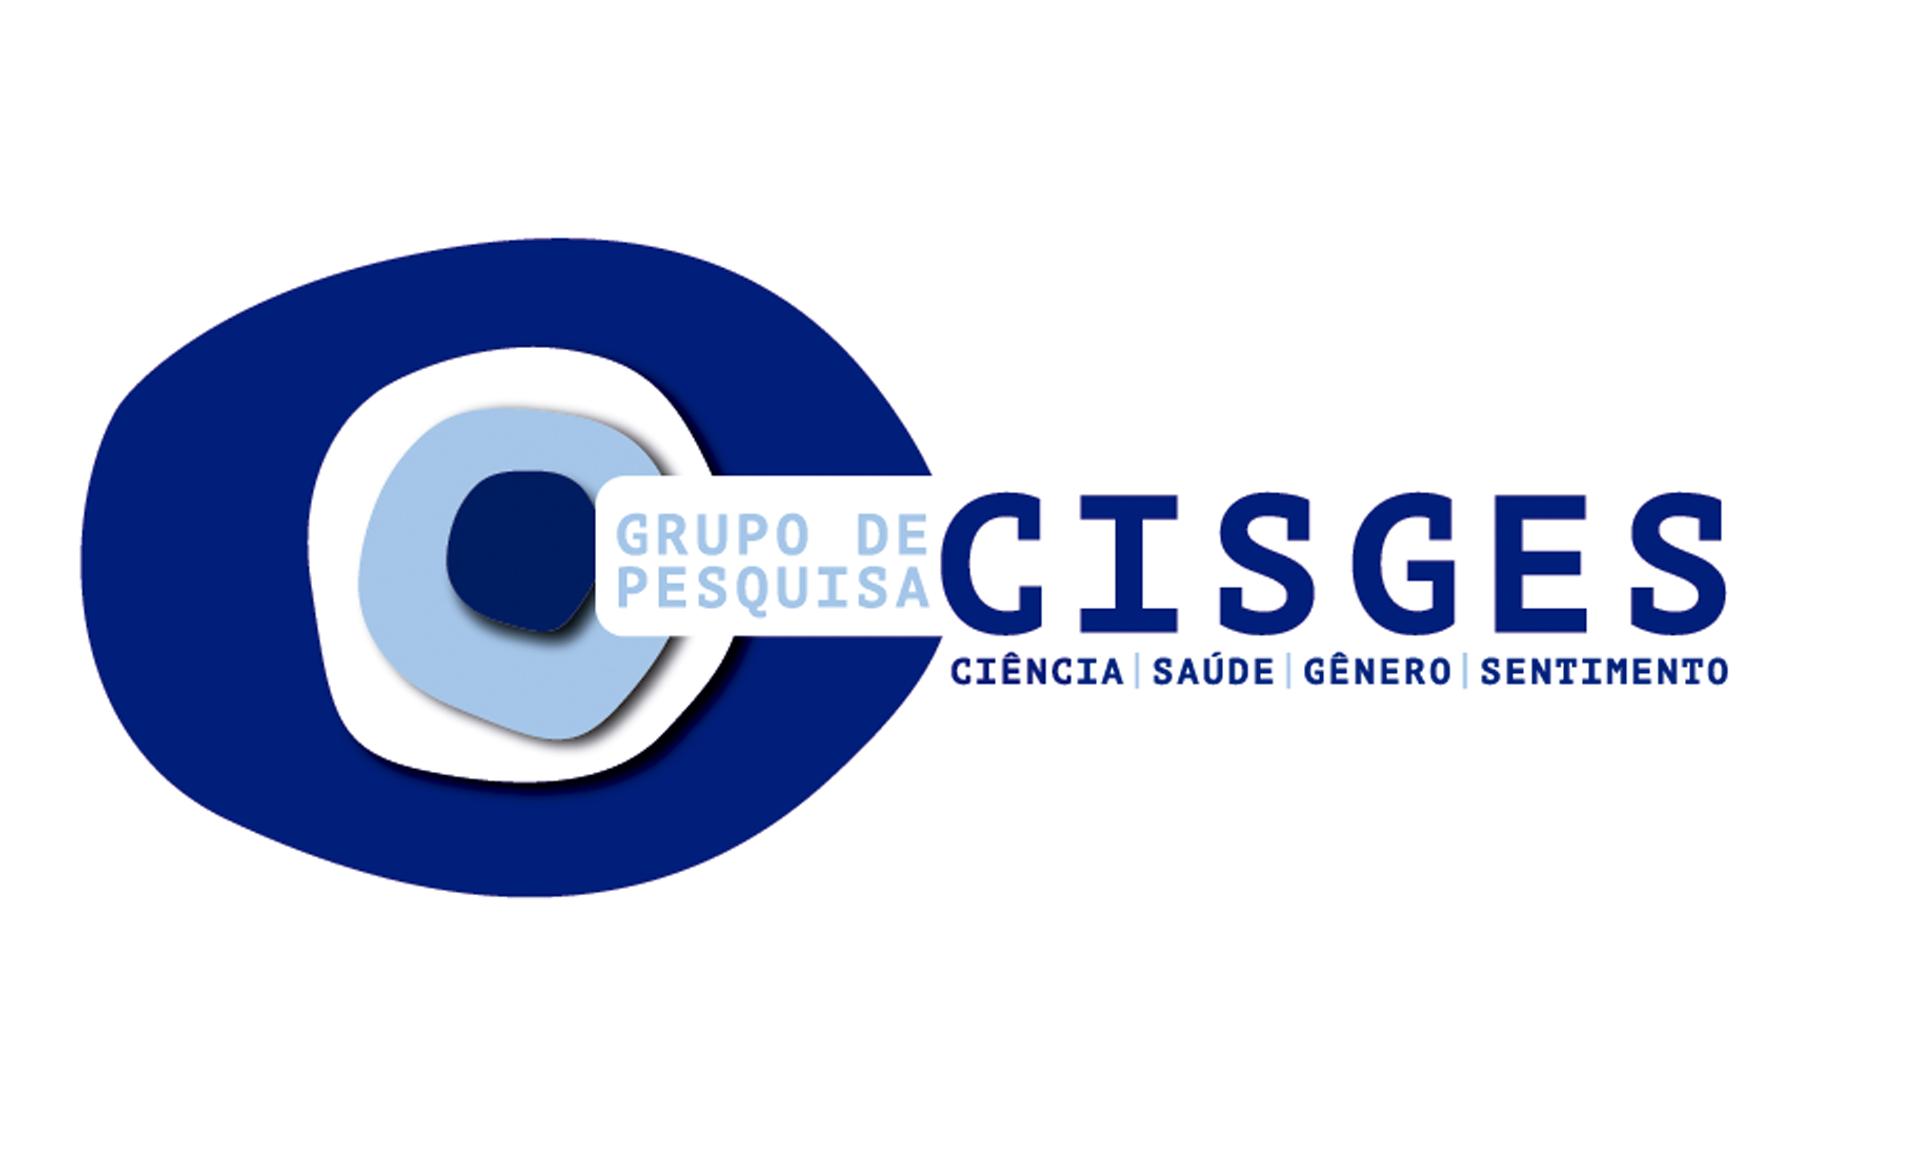 Grupo de Pesquisa Ciência, Saúde, Gênero e Sentimento